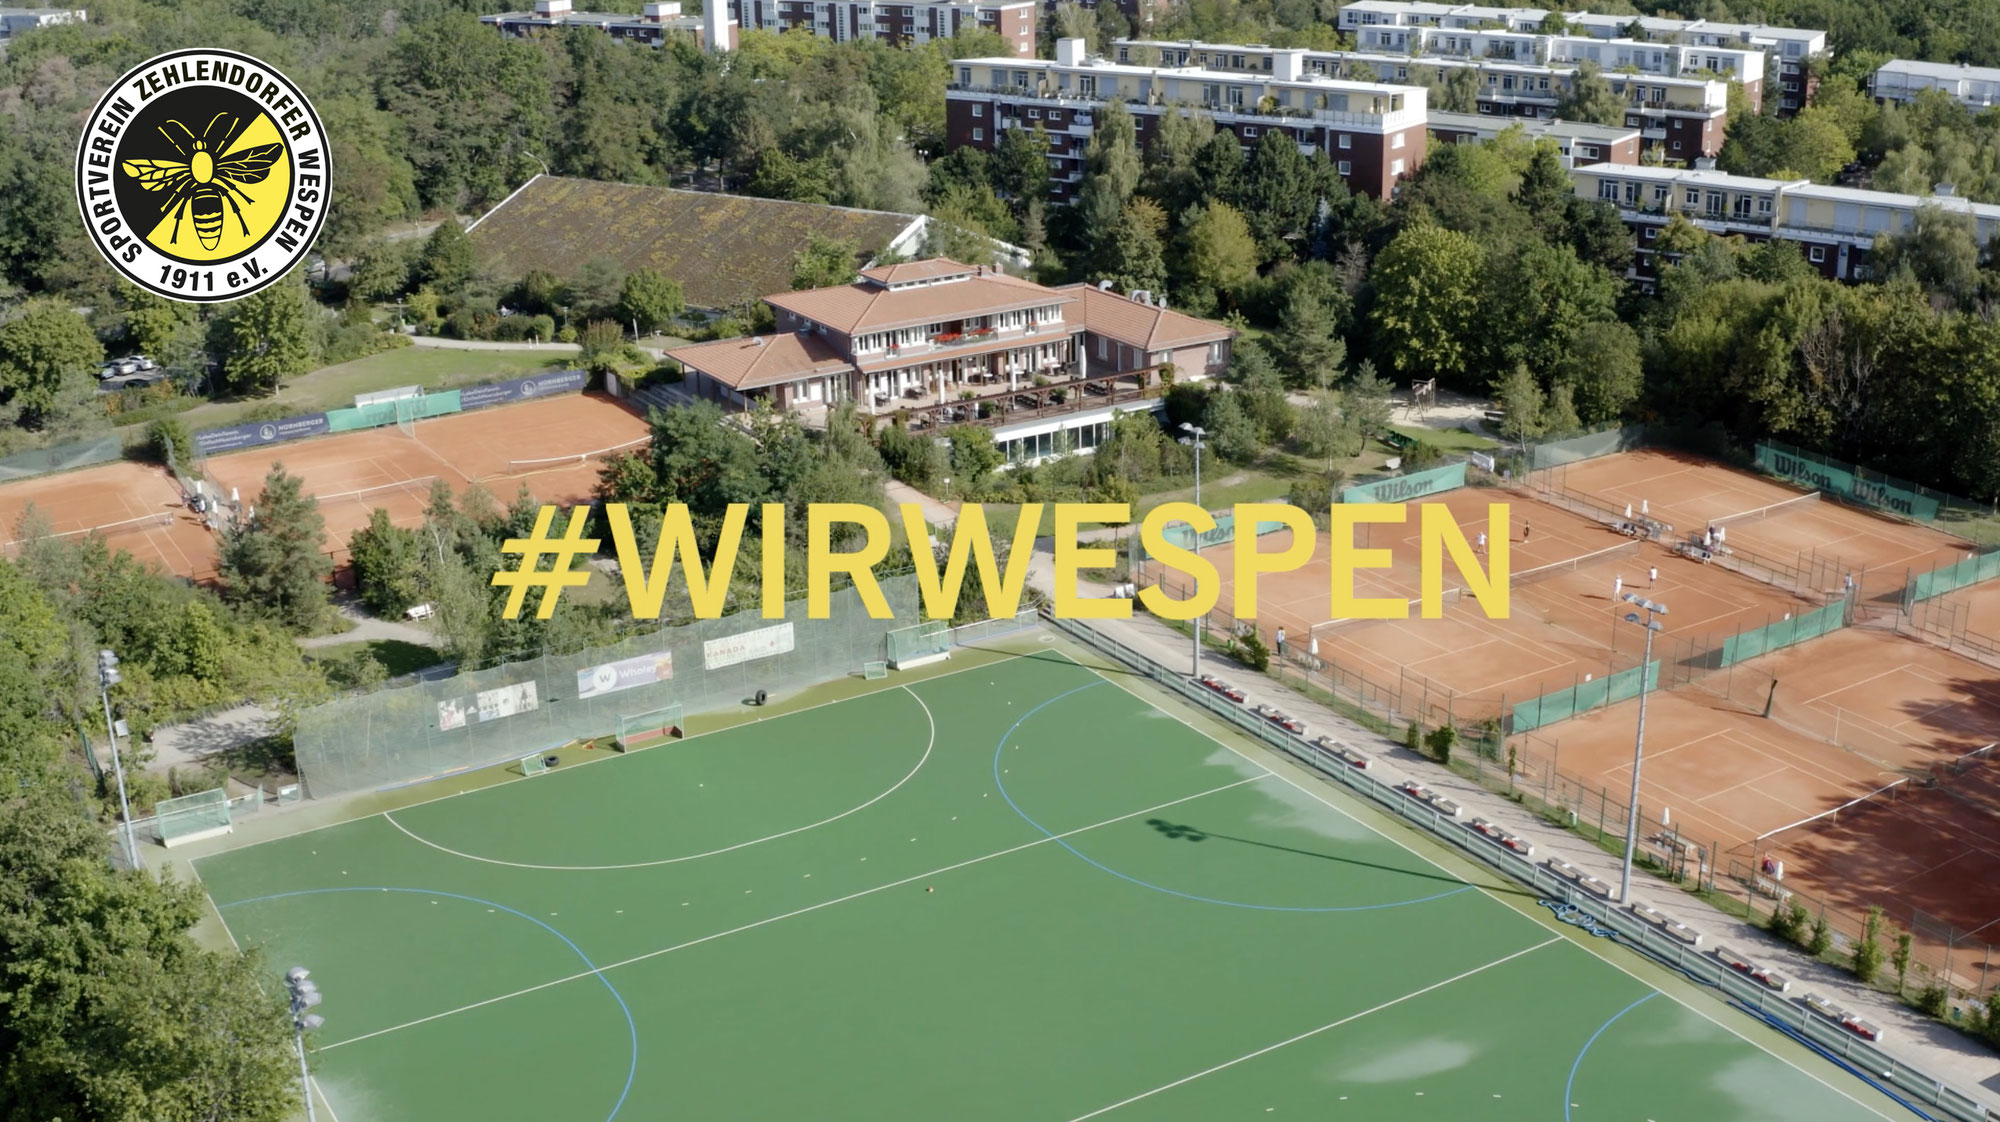 #wirwespen - Neuer Imagefilm der Zehlendorfer Wespen